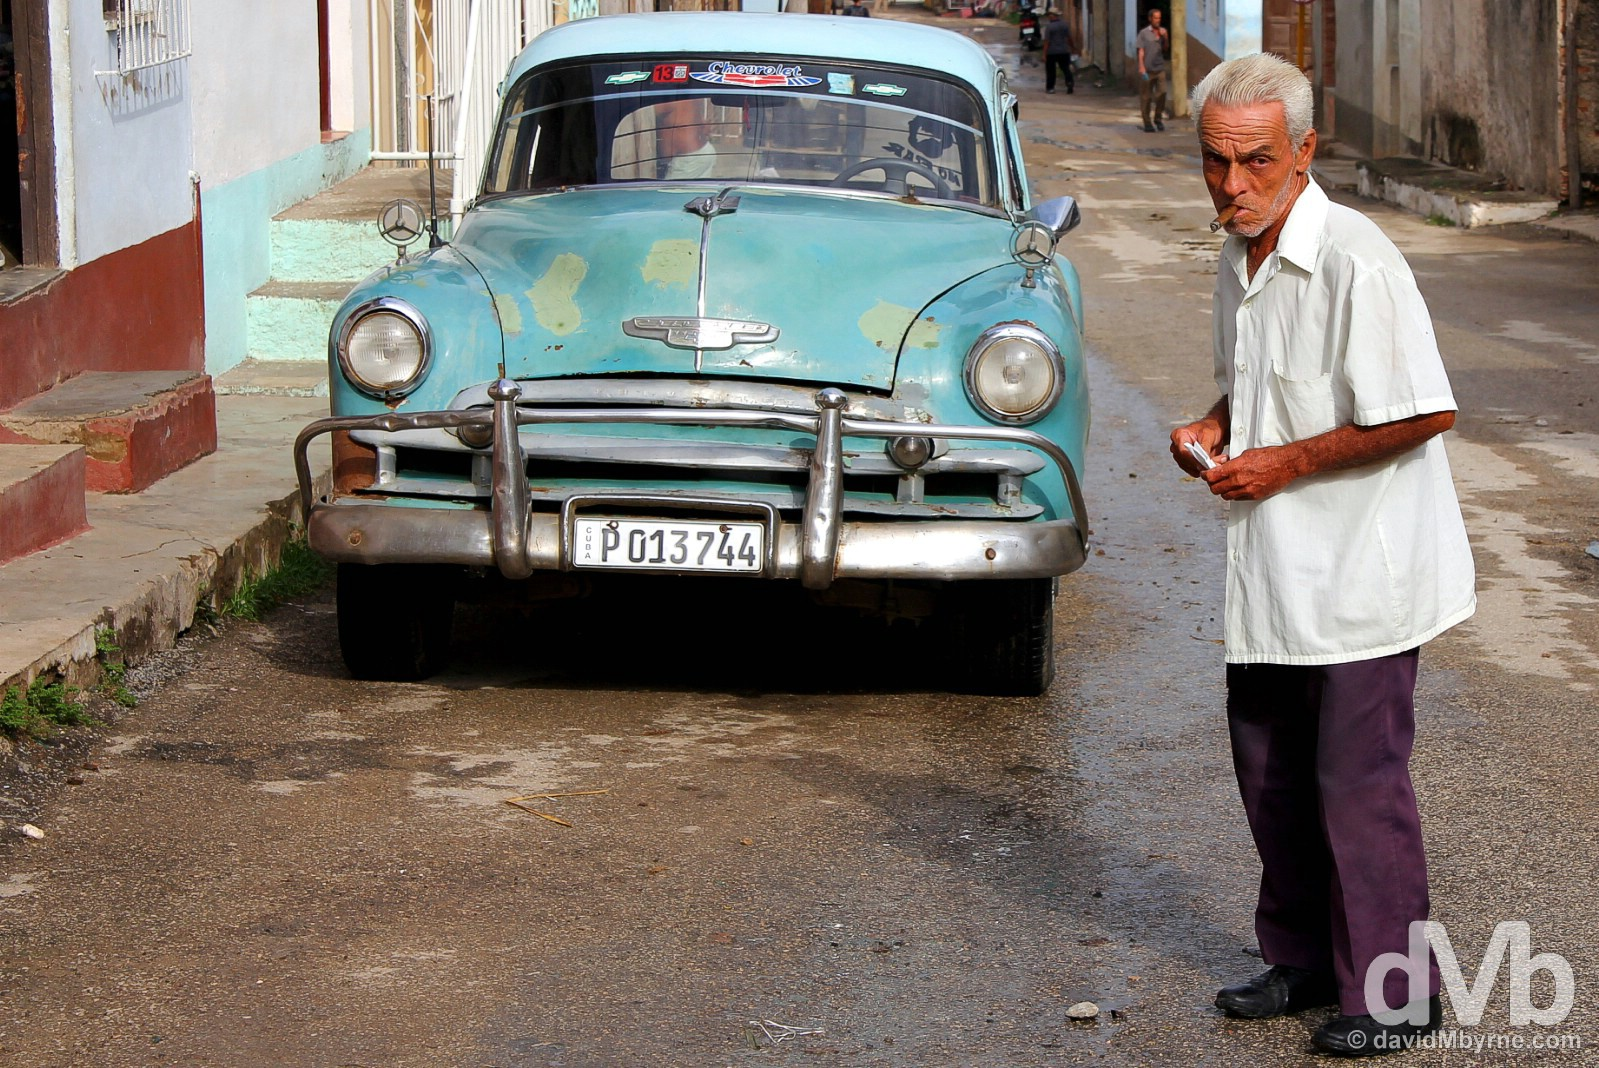 Trinidad, Cuba. May 5, 2015.